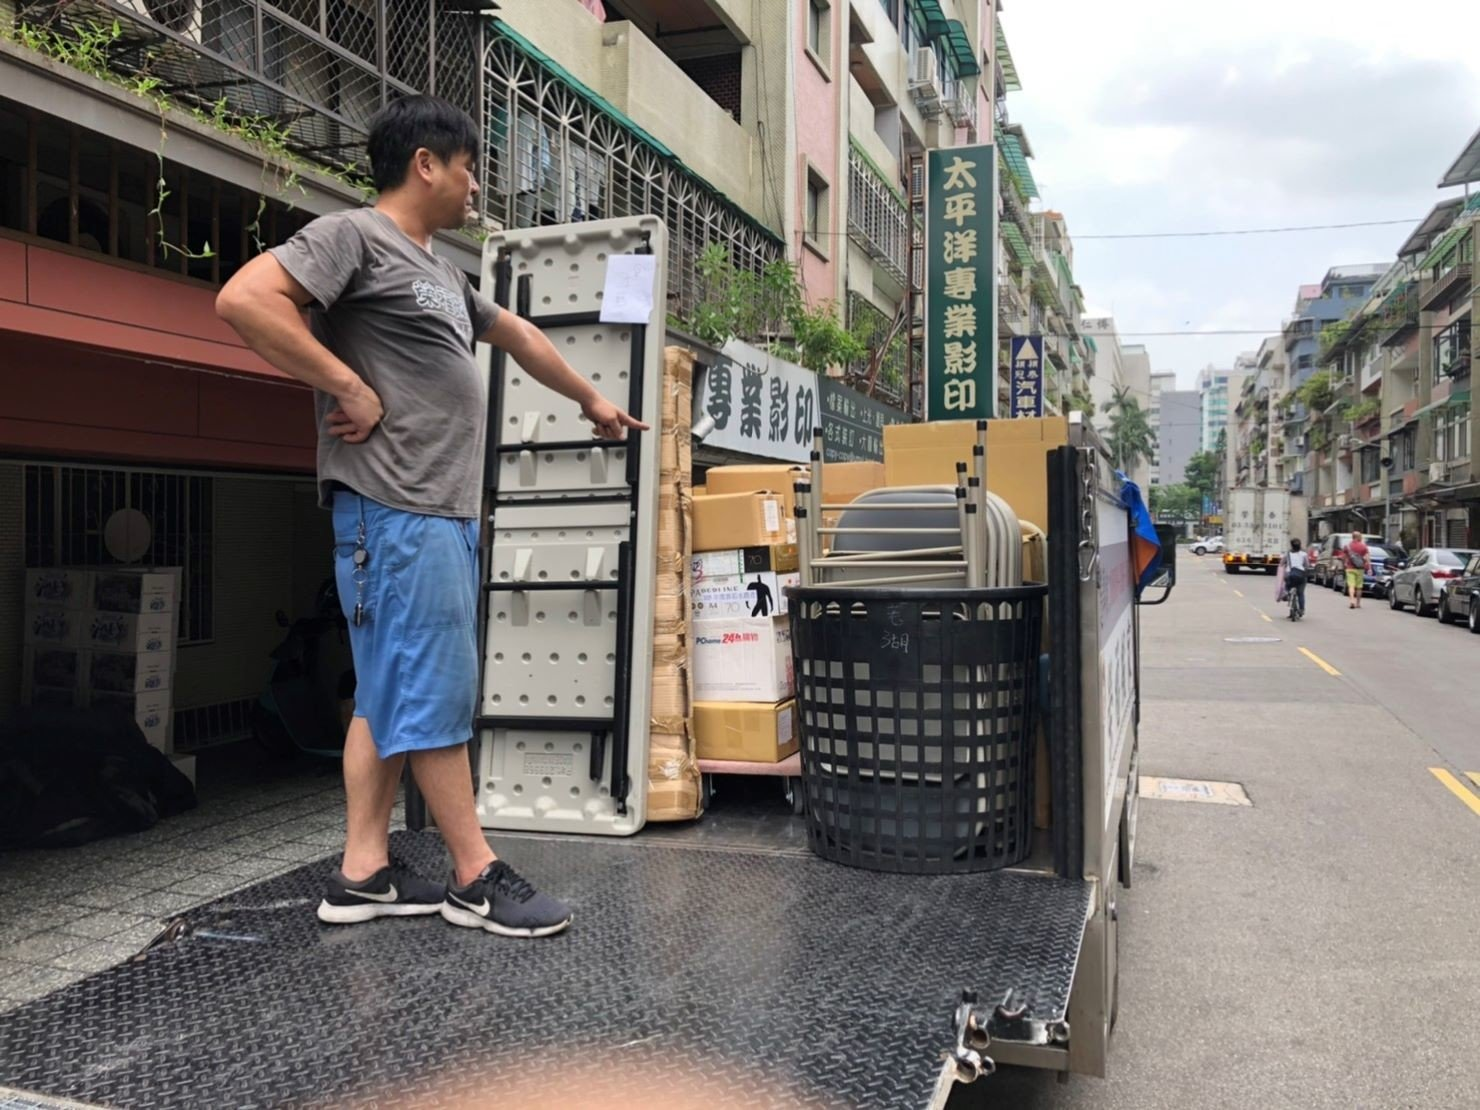 台北搬家【榮福搬家公司】搬家推薦給您最優質、最安全的搬遷服務:搬遷時與顧客核對確認搬遷物品是否均上貨車,至新址時確認是否有載到需搬運的全部物品!